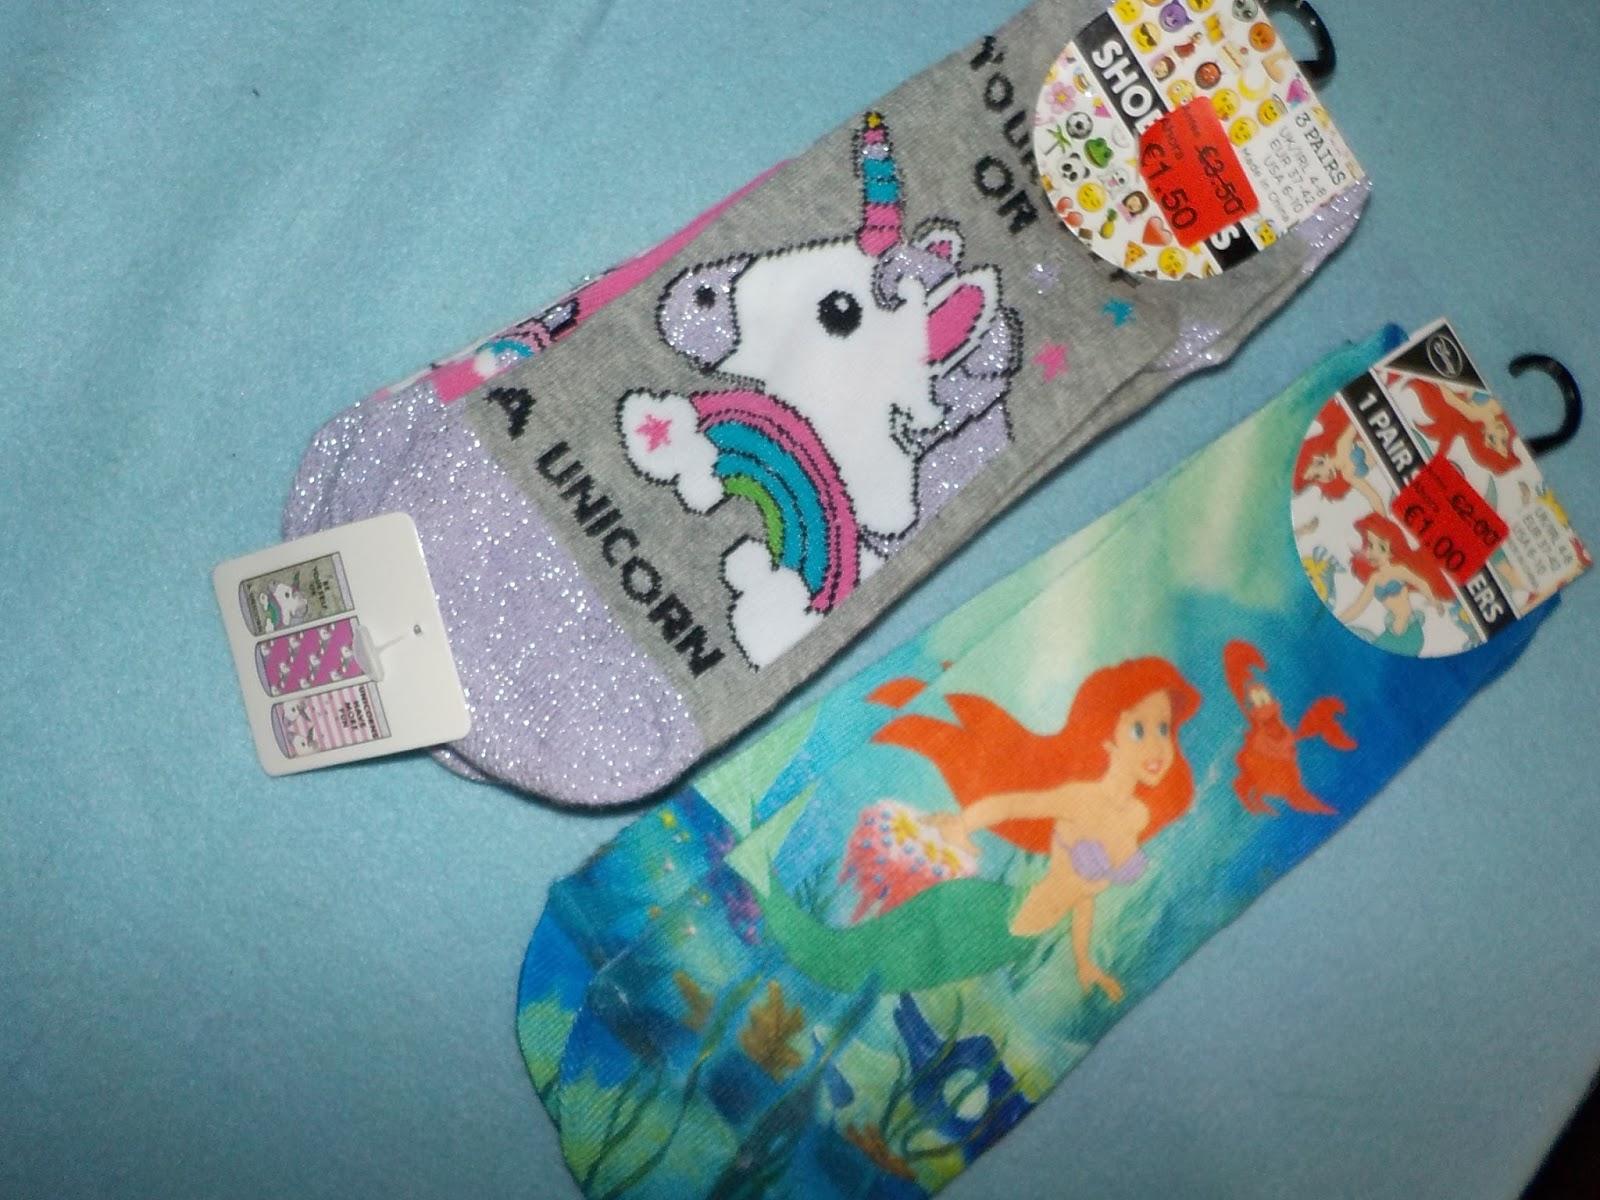 f54efedf04 Y más calcetines  packs de 3 de Tokidoki y Supernenas. El estuche es  precioso!